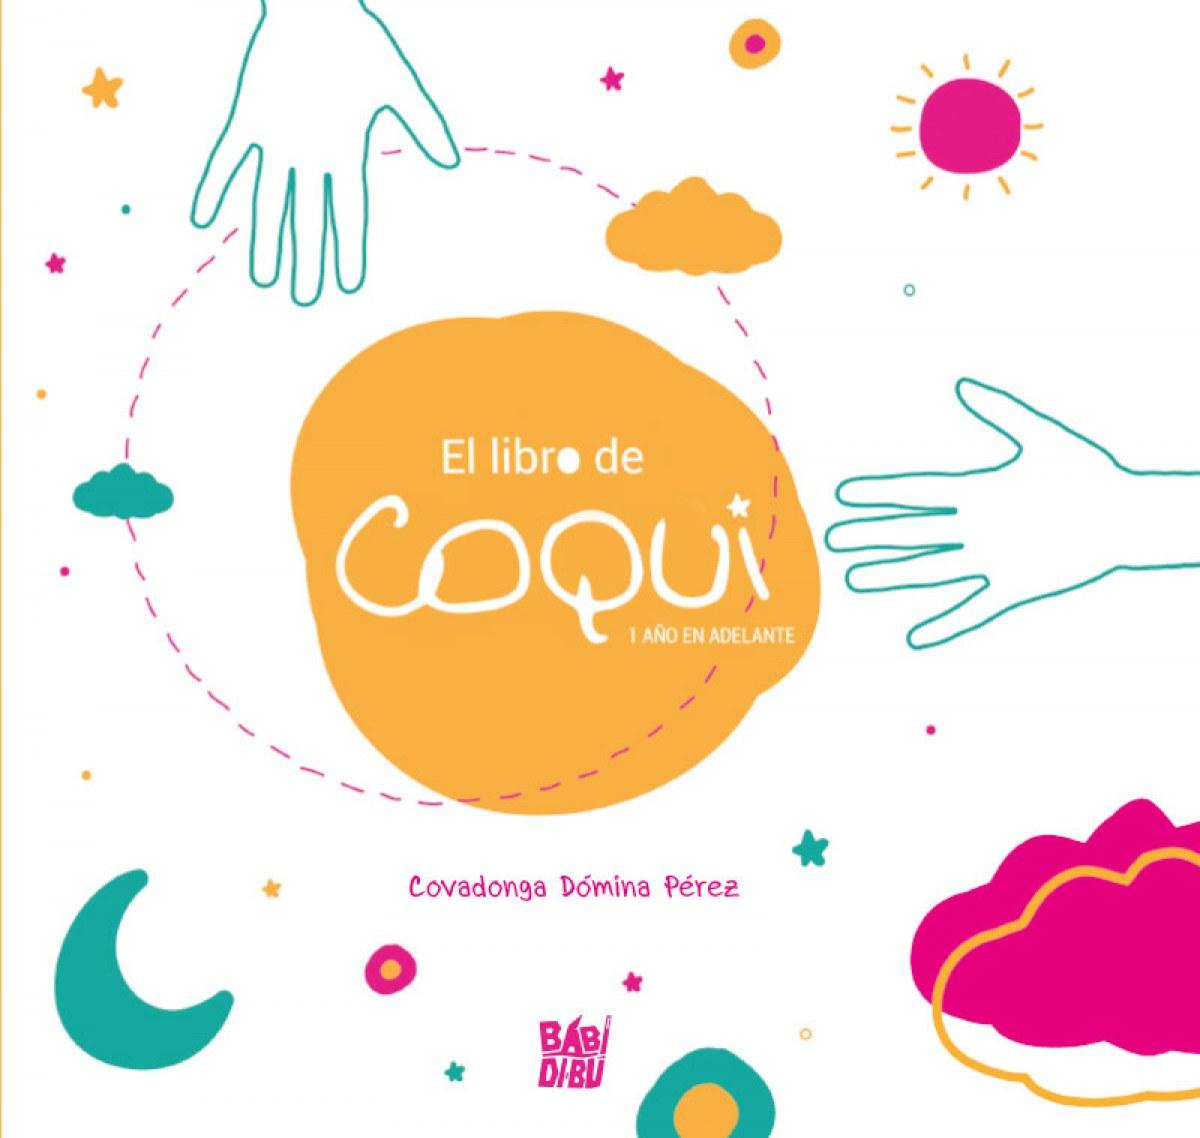 El libro de Coqui